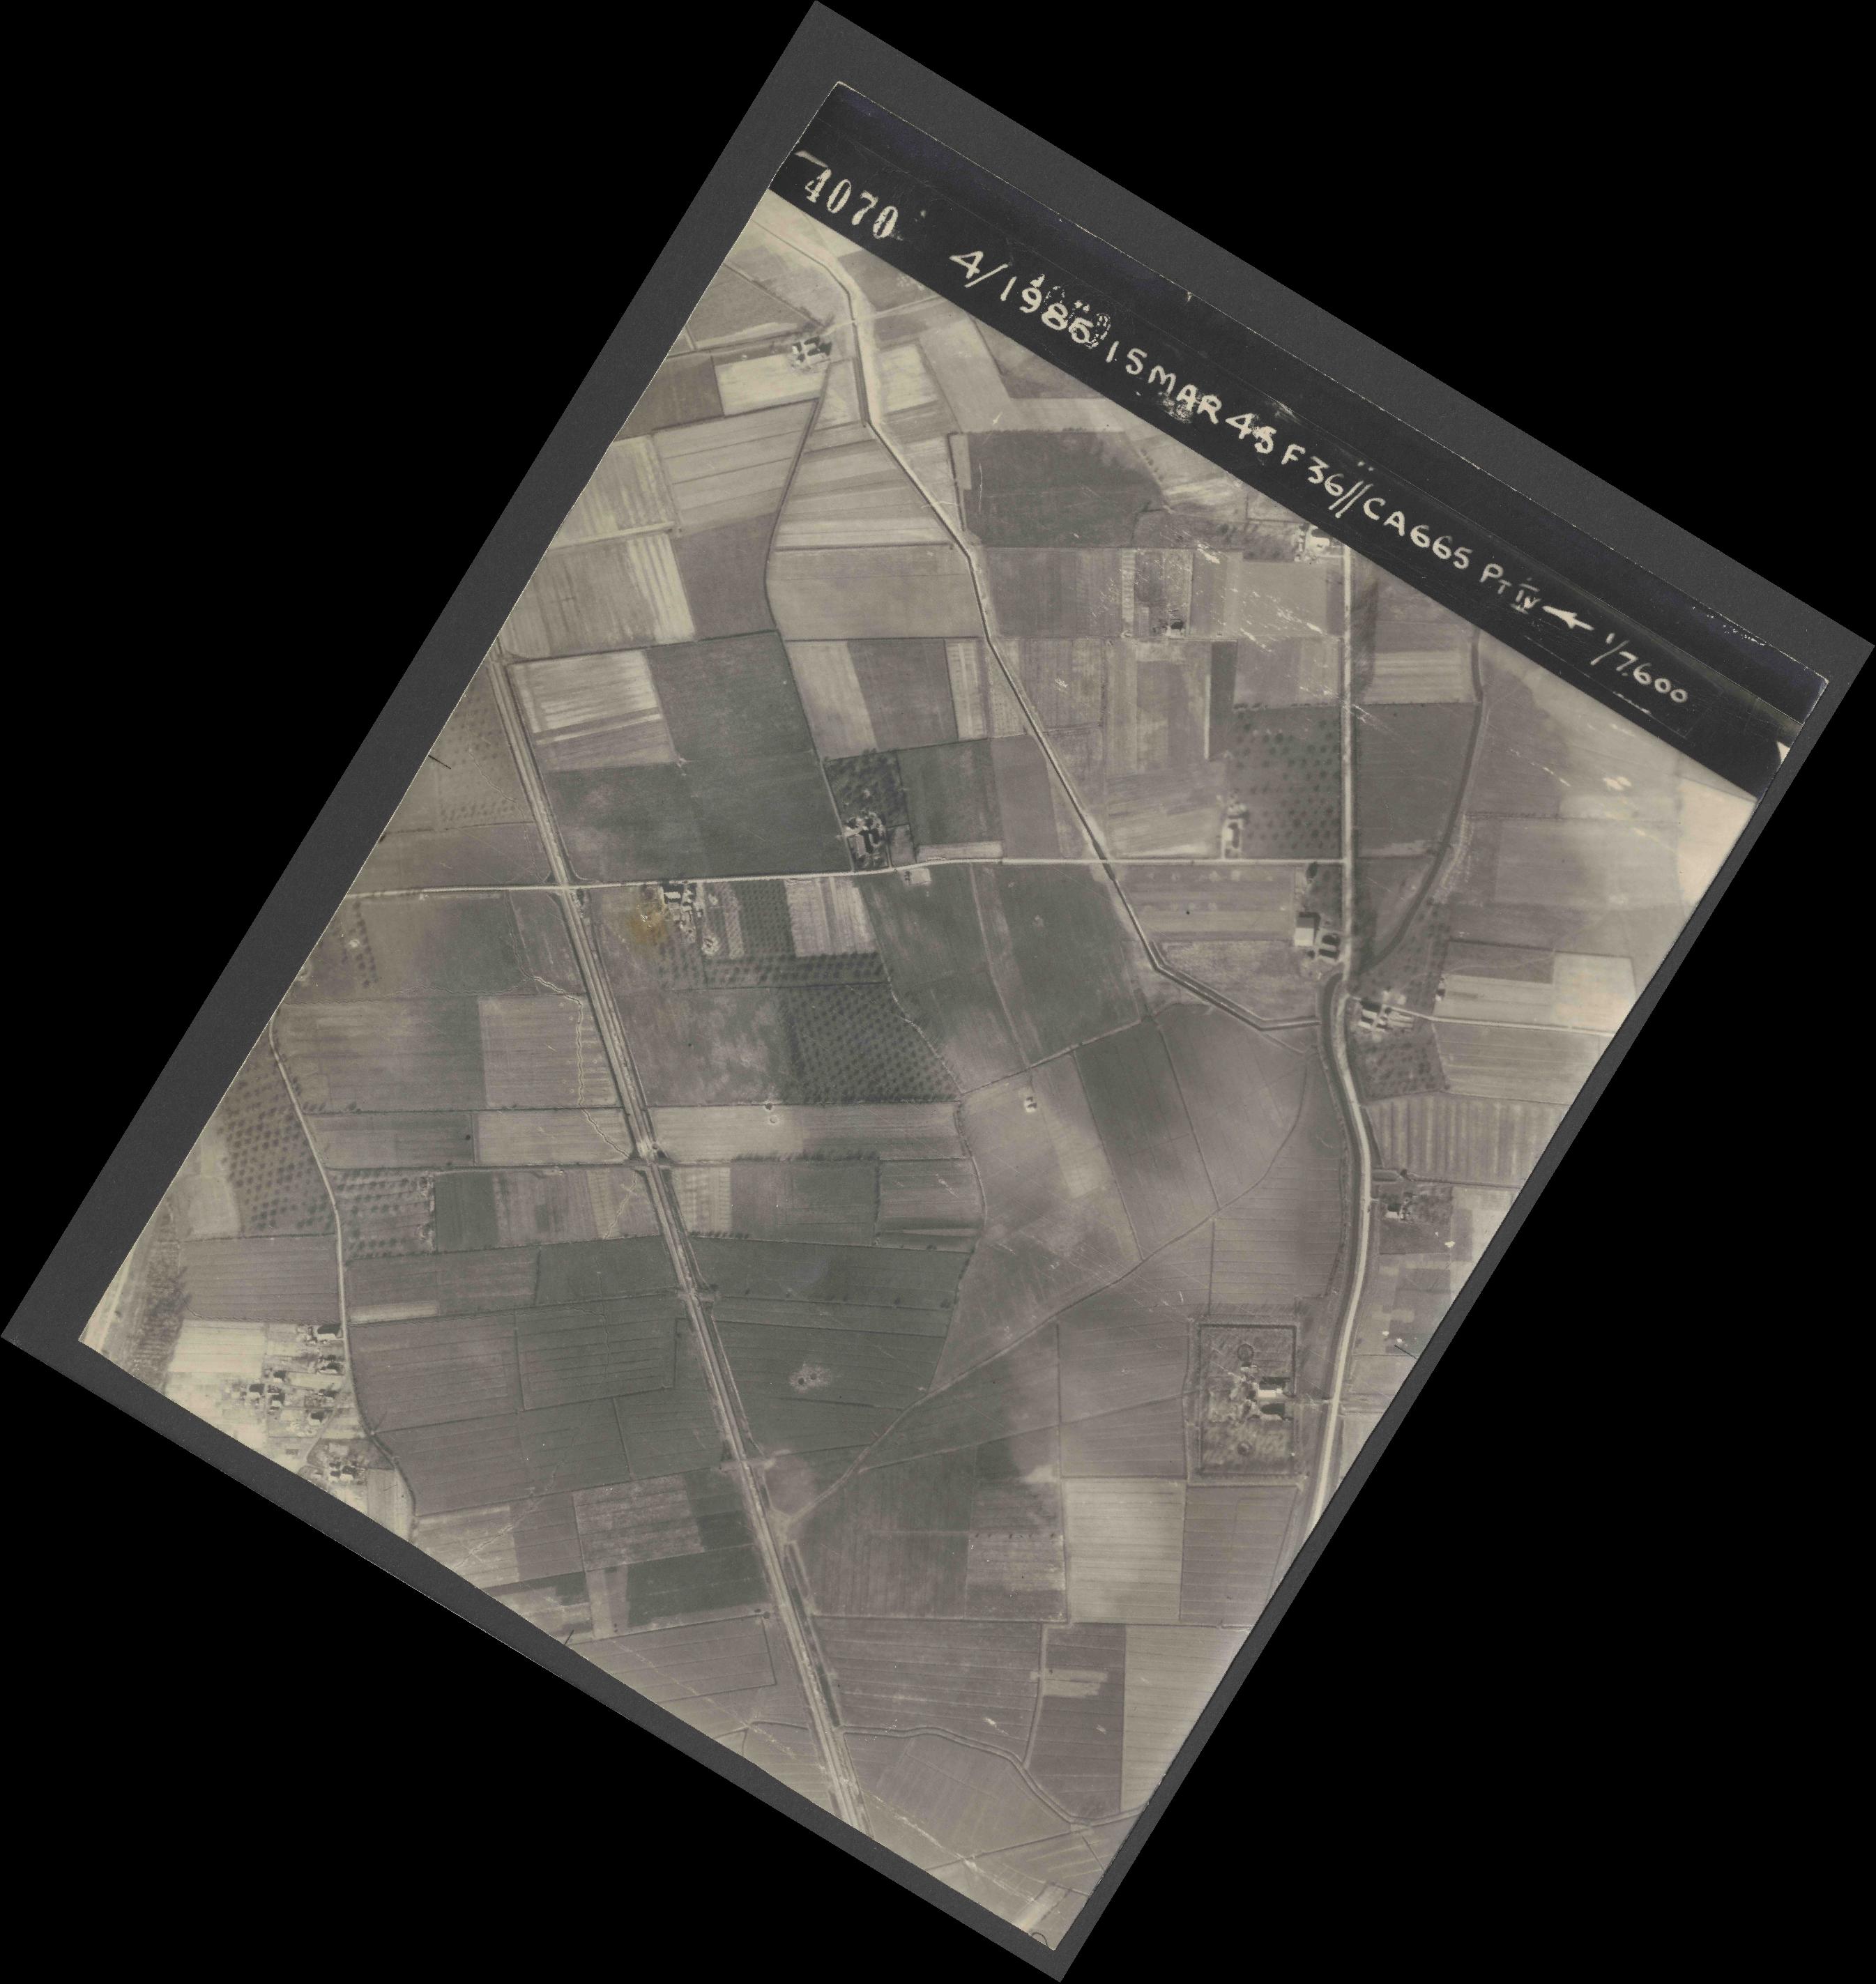 Collection RAF aerial photos 1940-1945 - flight 059, run 03, photo 4070